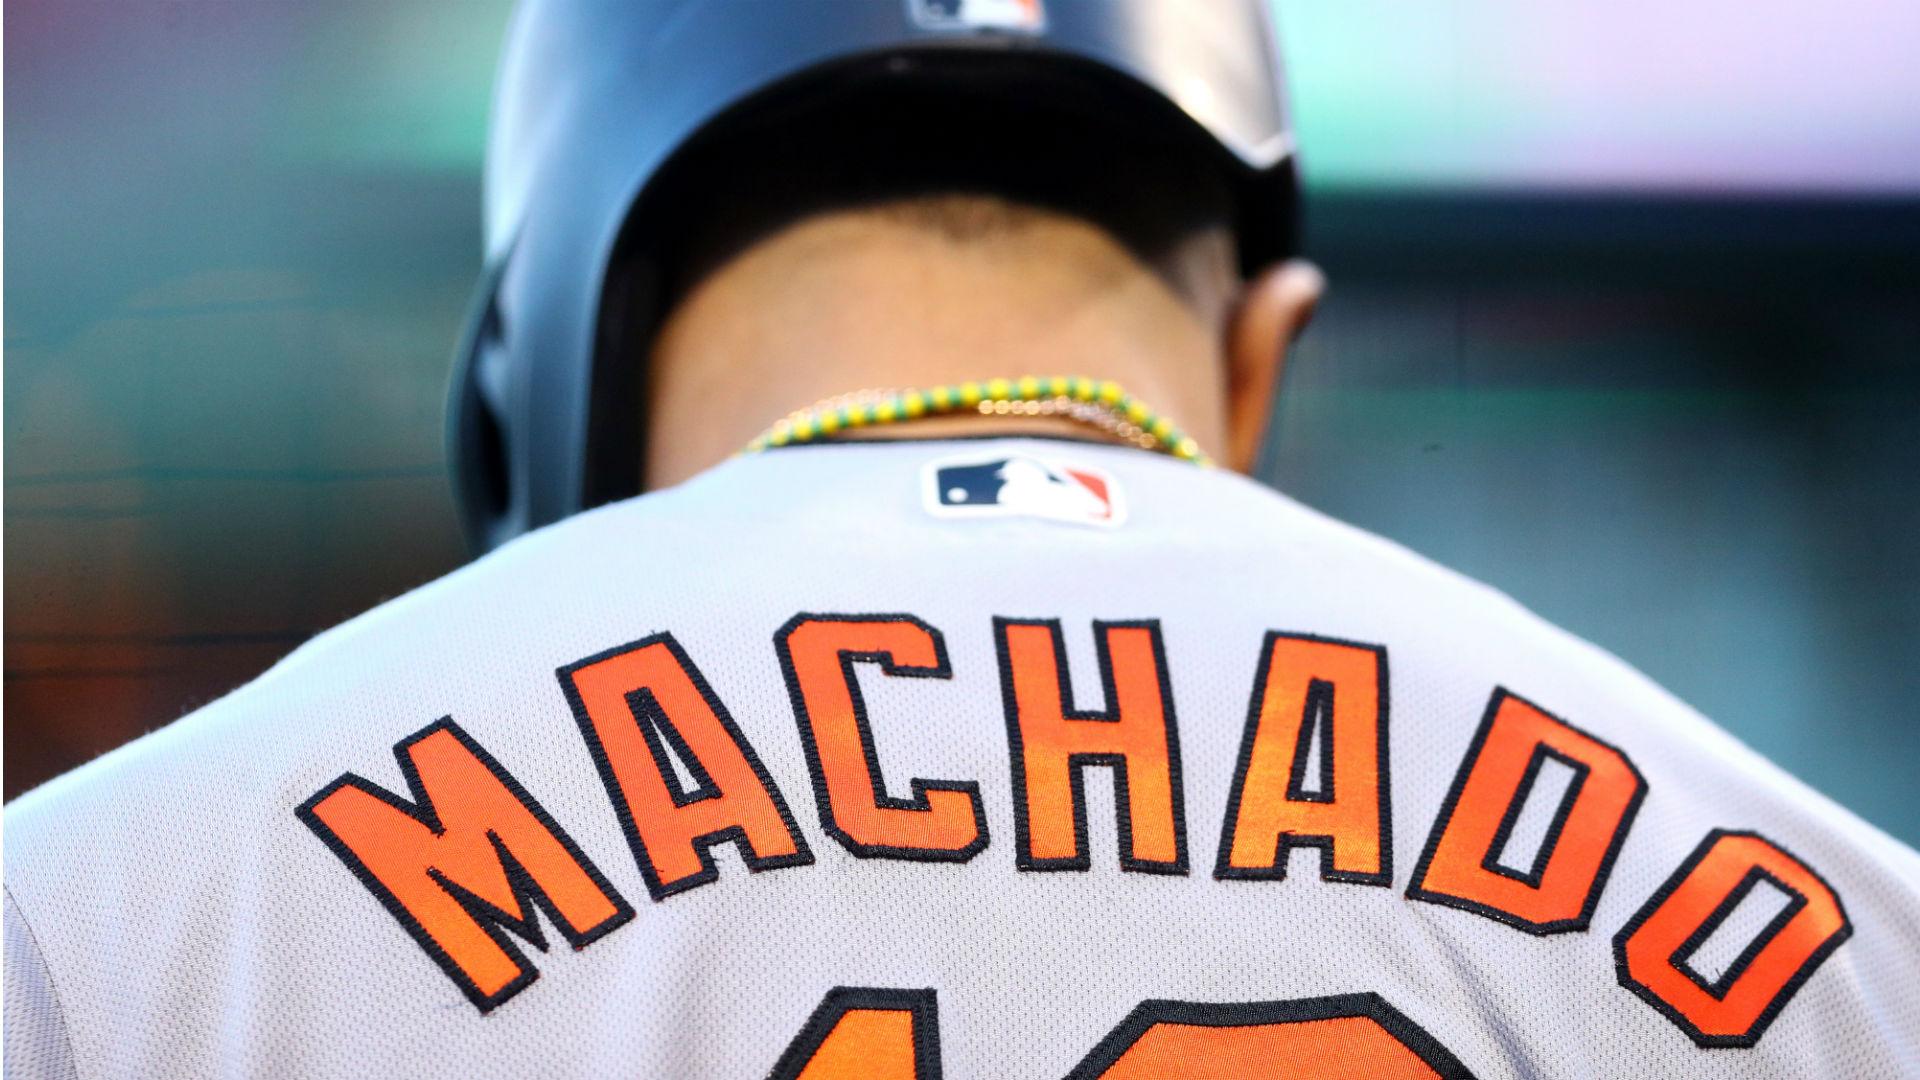 Manny-machado-getty-ftr-120618_1npftt7wypidg1gg14yw2ws8ai